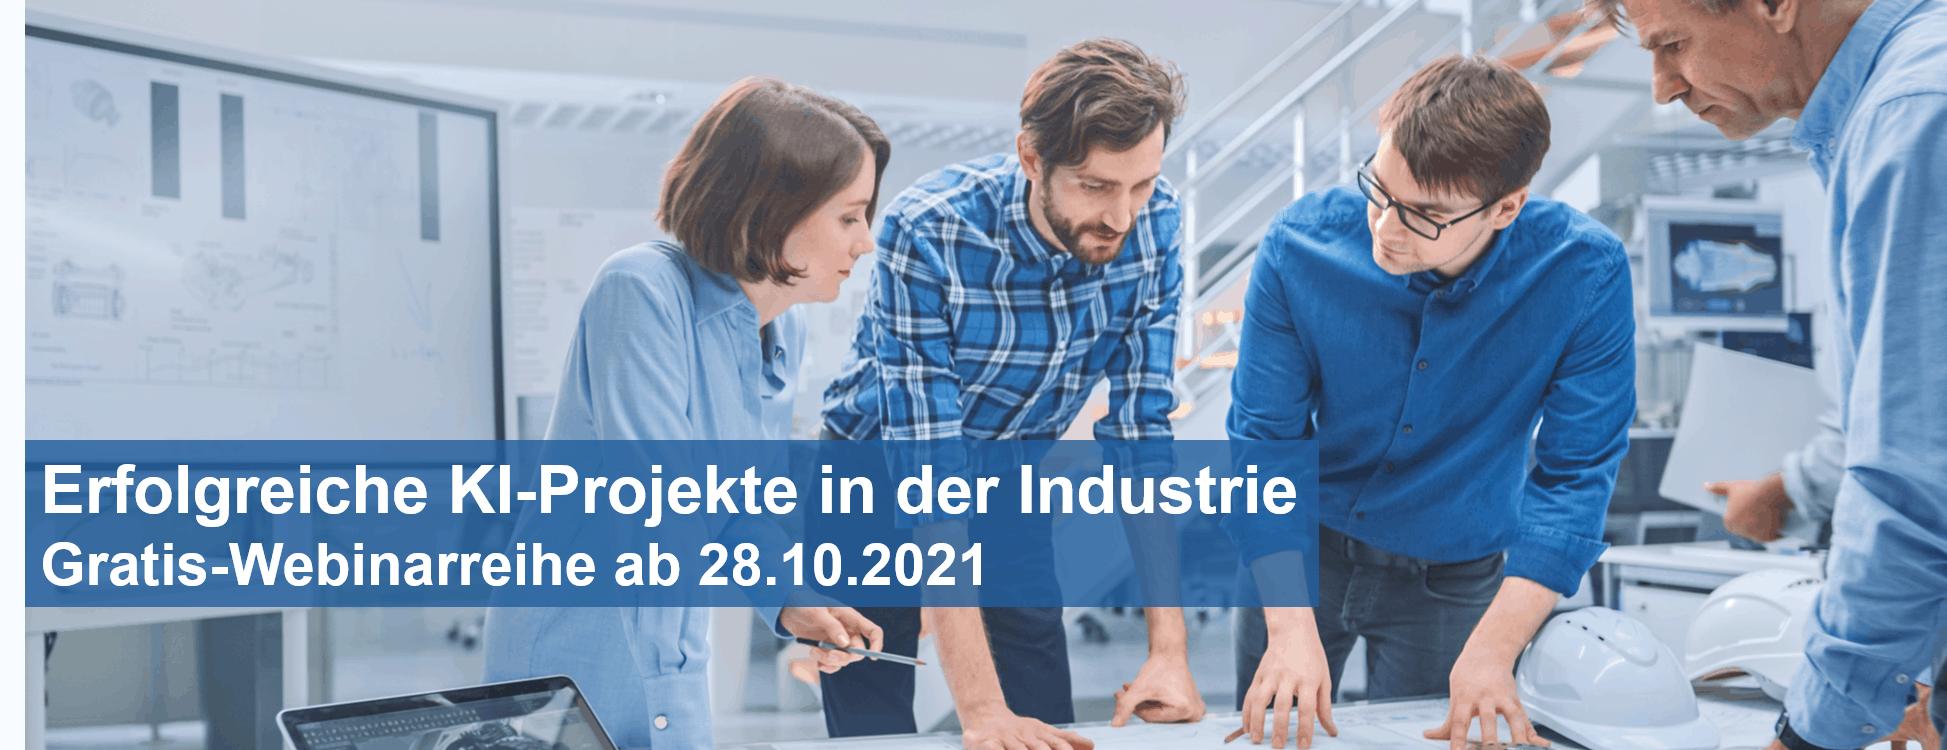 Erfolgreiche KI-Projekte in der Industrie – Gratis-Webinarreihe ab 28.10.2021